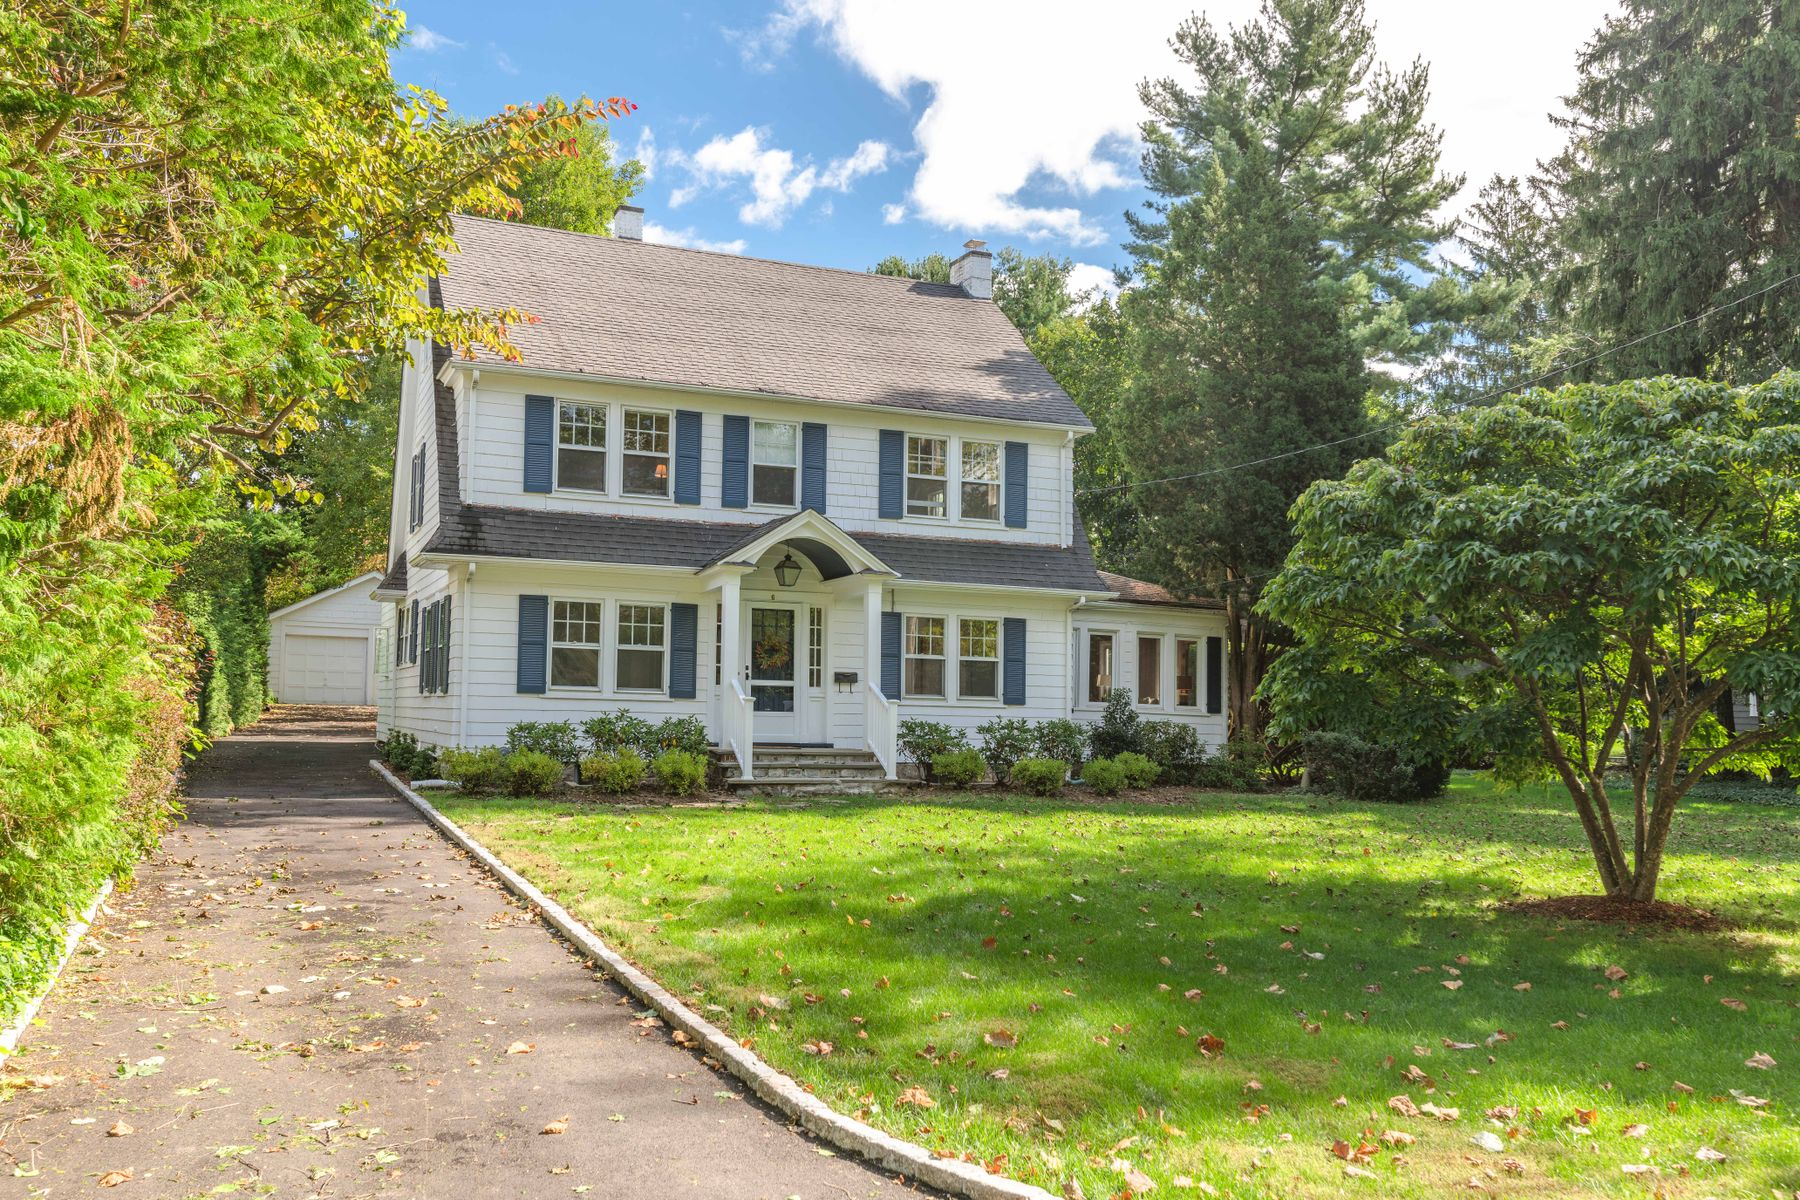 Casa Unifamiliar por un Venta en Old Greenwich Starter Home 6 North Street Old Greenwich, Connecticut 06870 Estados Unidos